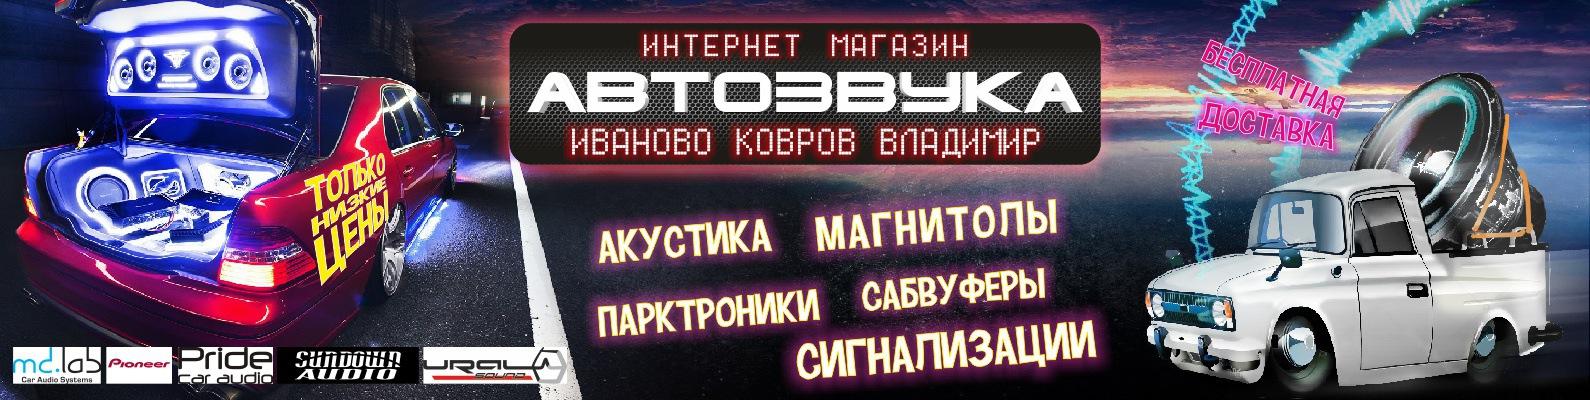 обращали магазины автомузыке в иваново песни Александра Барыкина